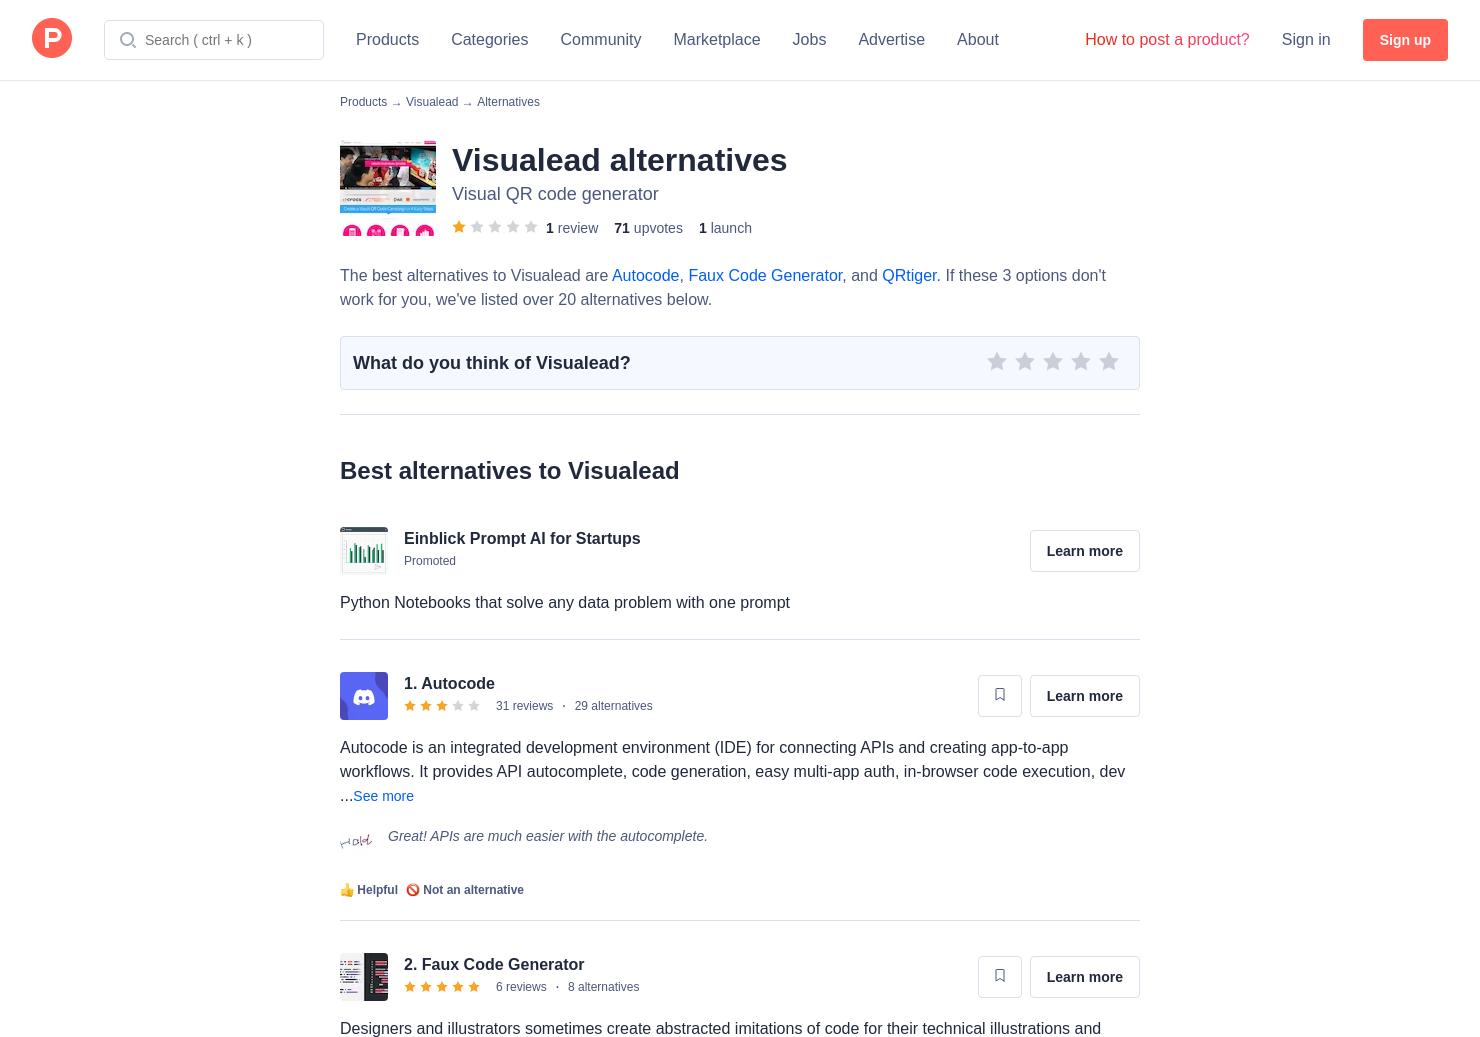 10 Alternatives to Visualead | Product Hunt